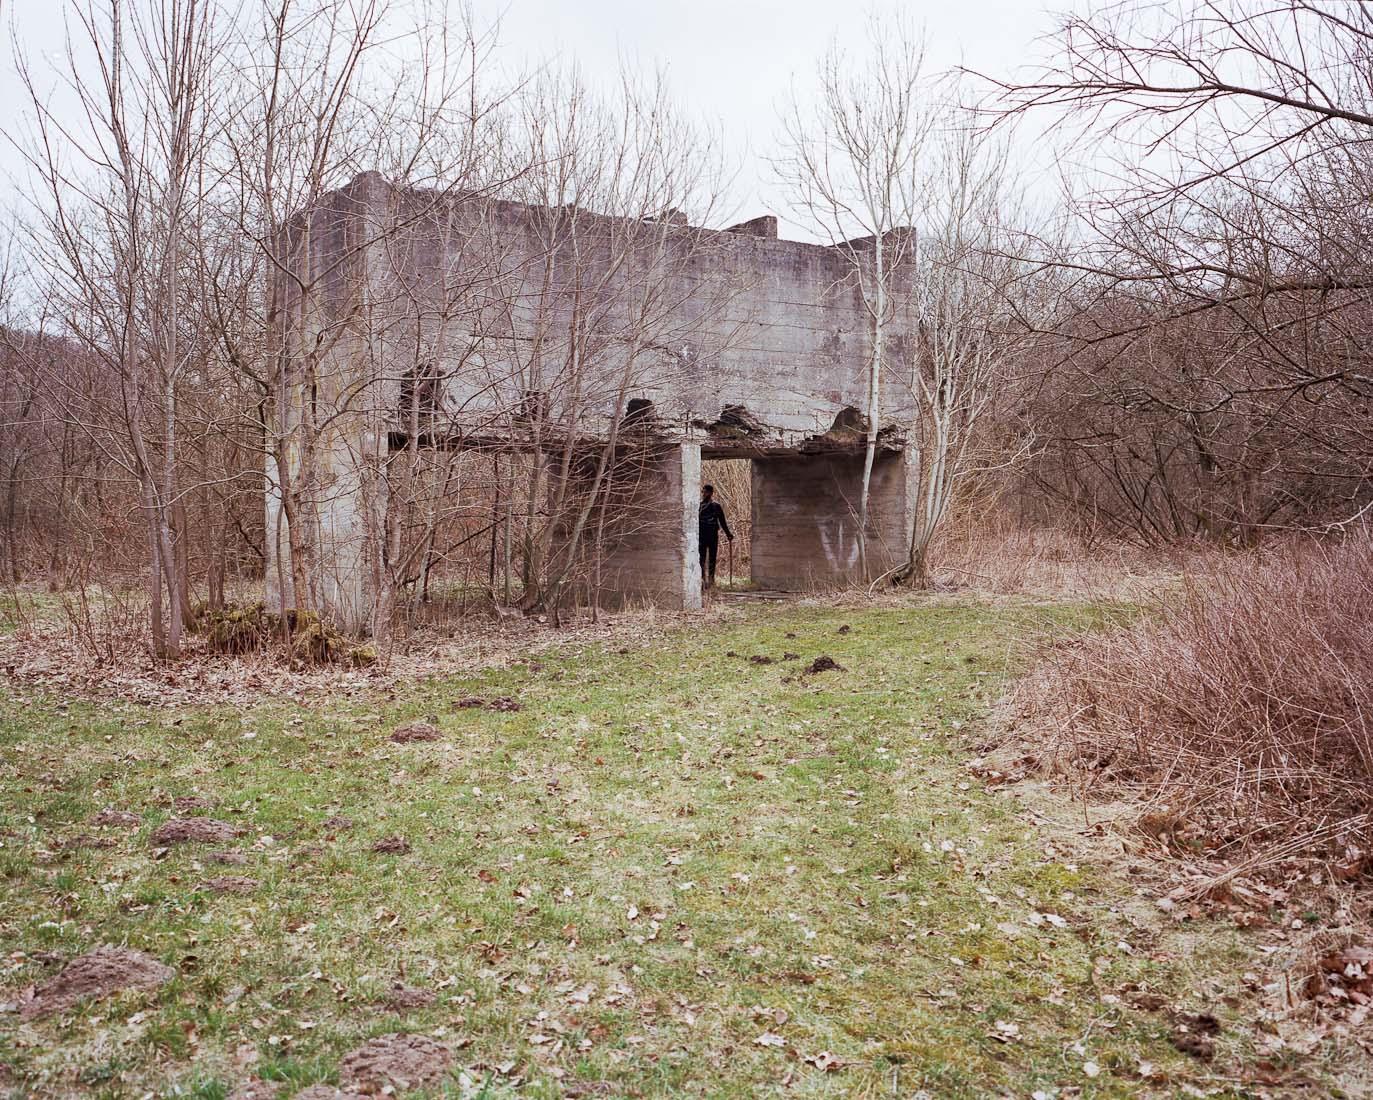 20130426-Ruinen i skoven